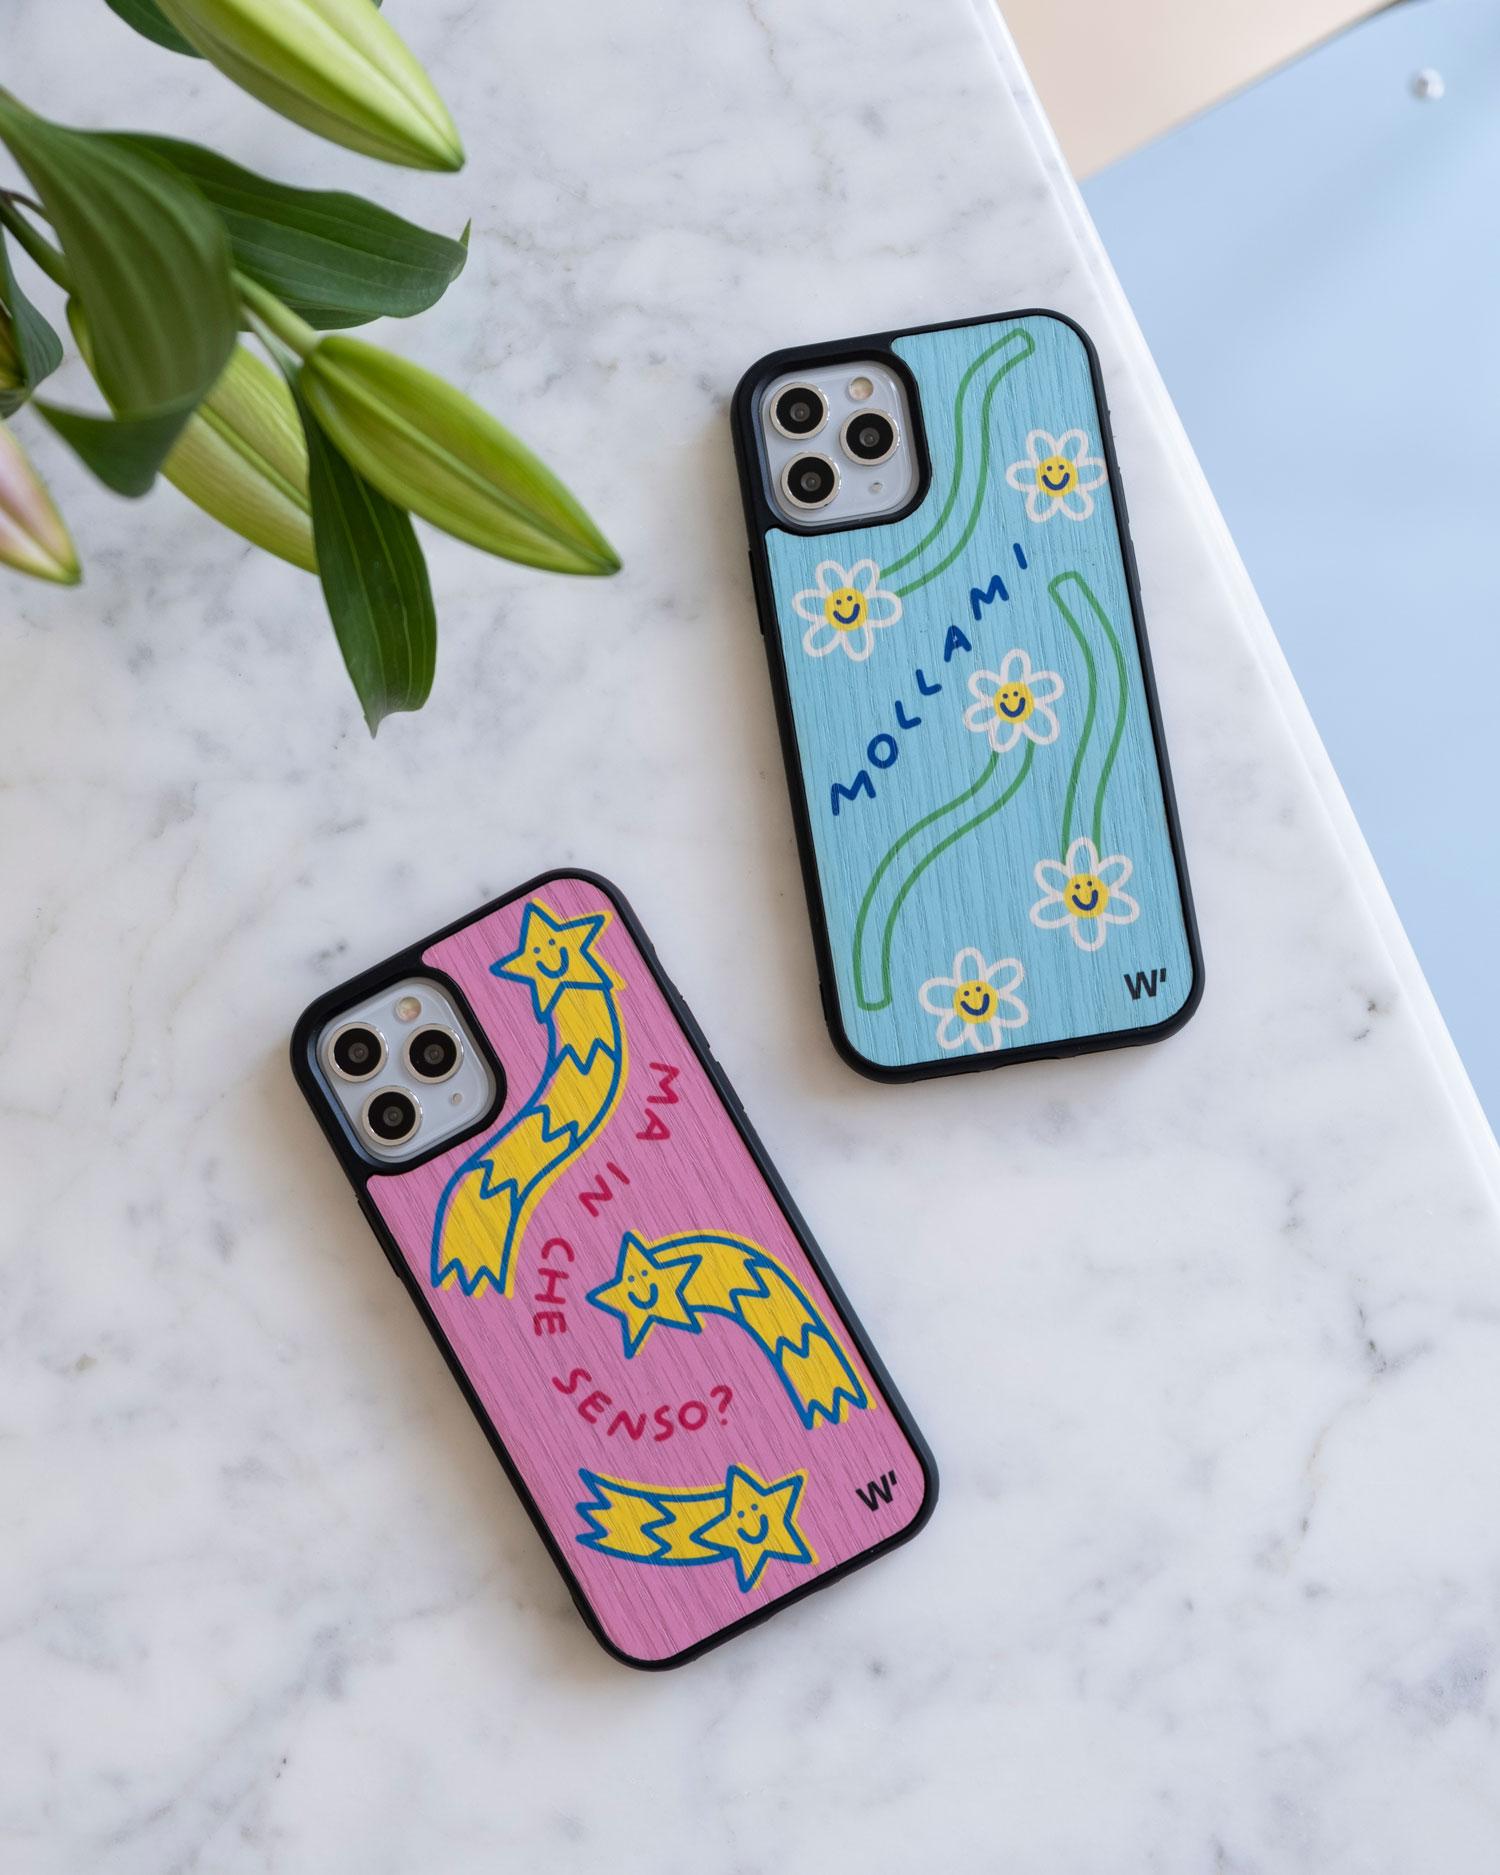 Disegnetti Depressetti iPhone Cases